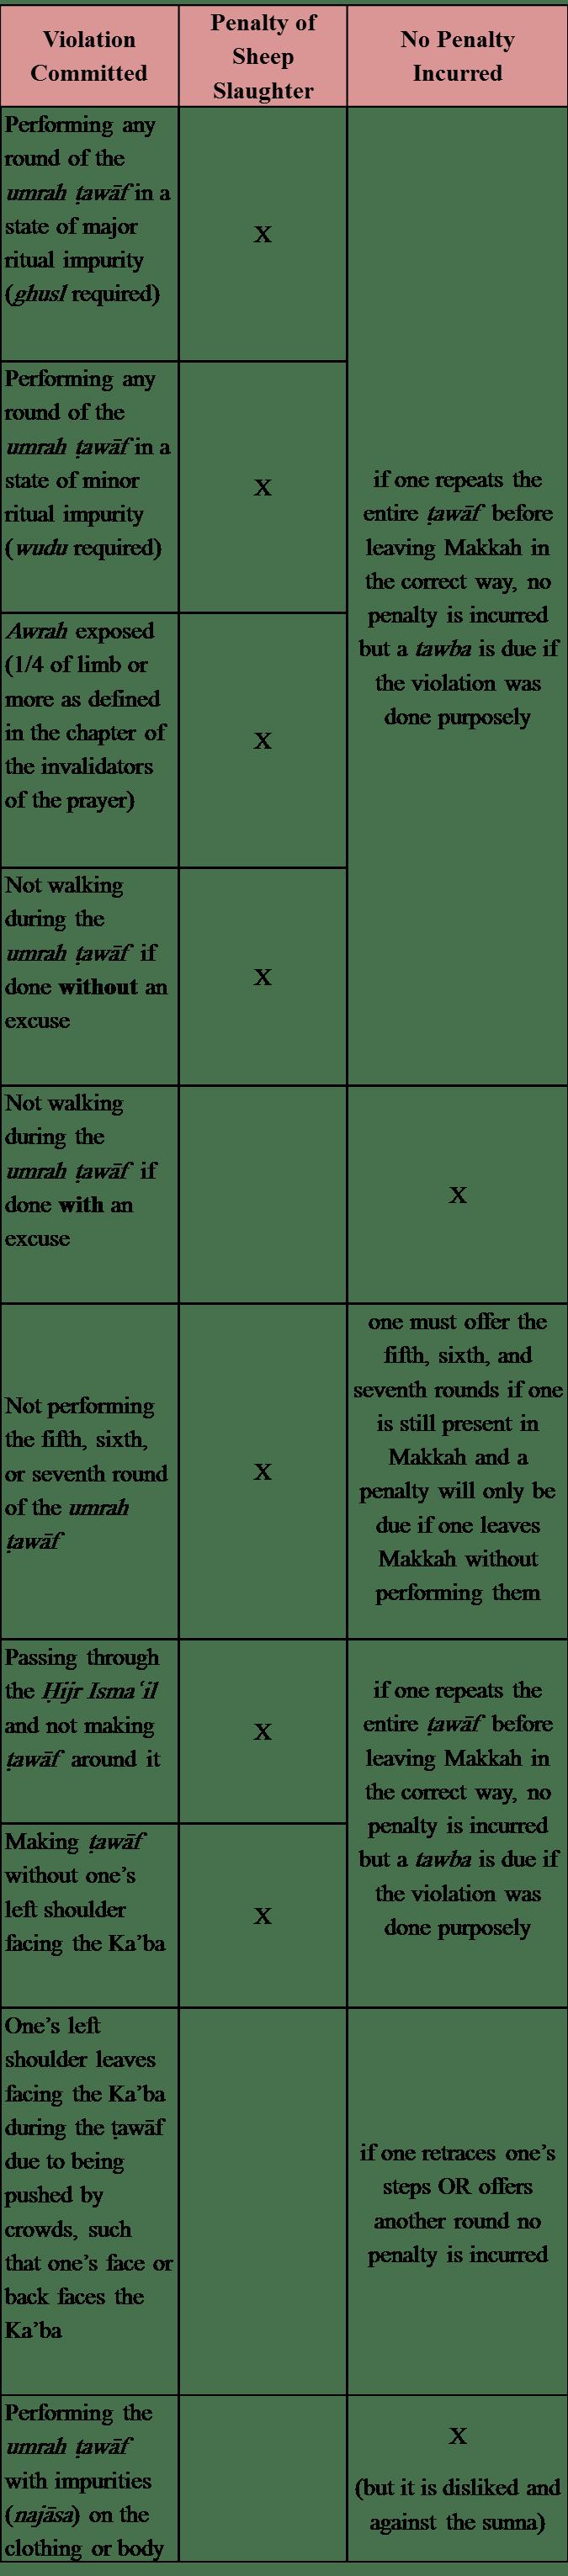 Umrah Tawaf Violations & Penalties